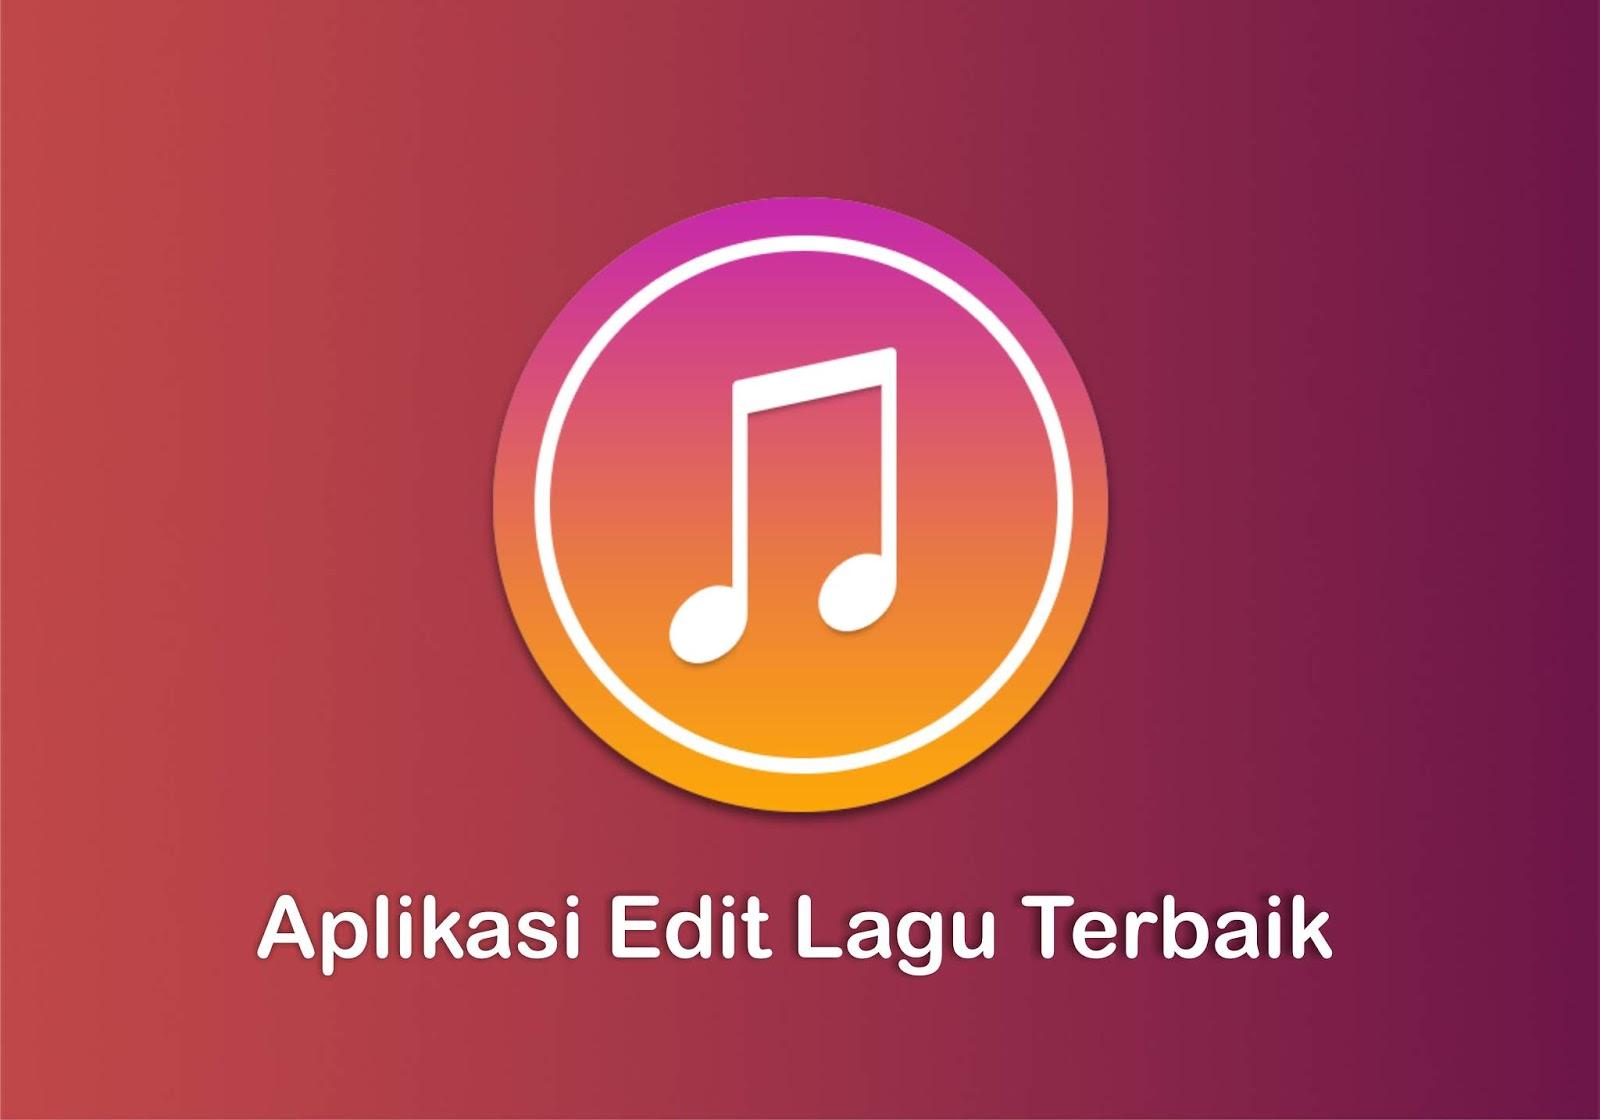 Aplikasi Edit Lagu Gratis Dan Terbaik Di Android Aplikasi Edit Lagu Gratis Dan Terbaik Di Android